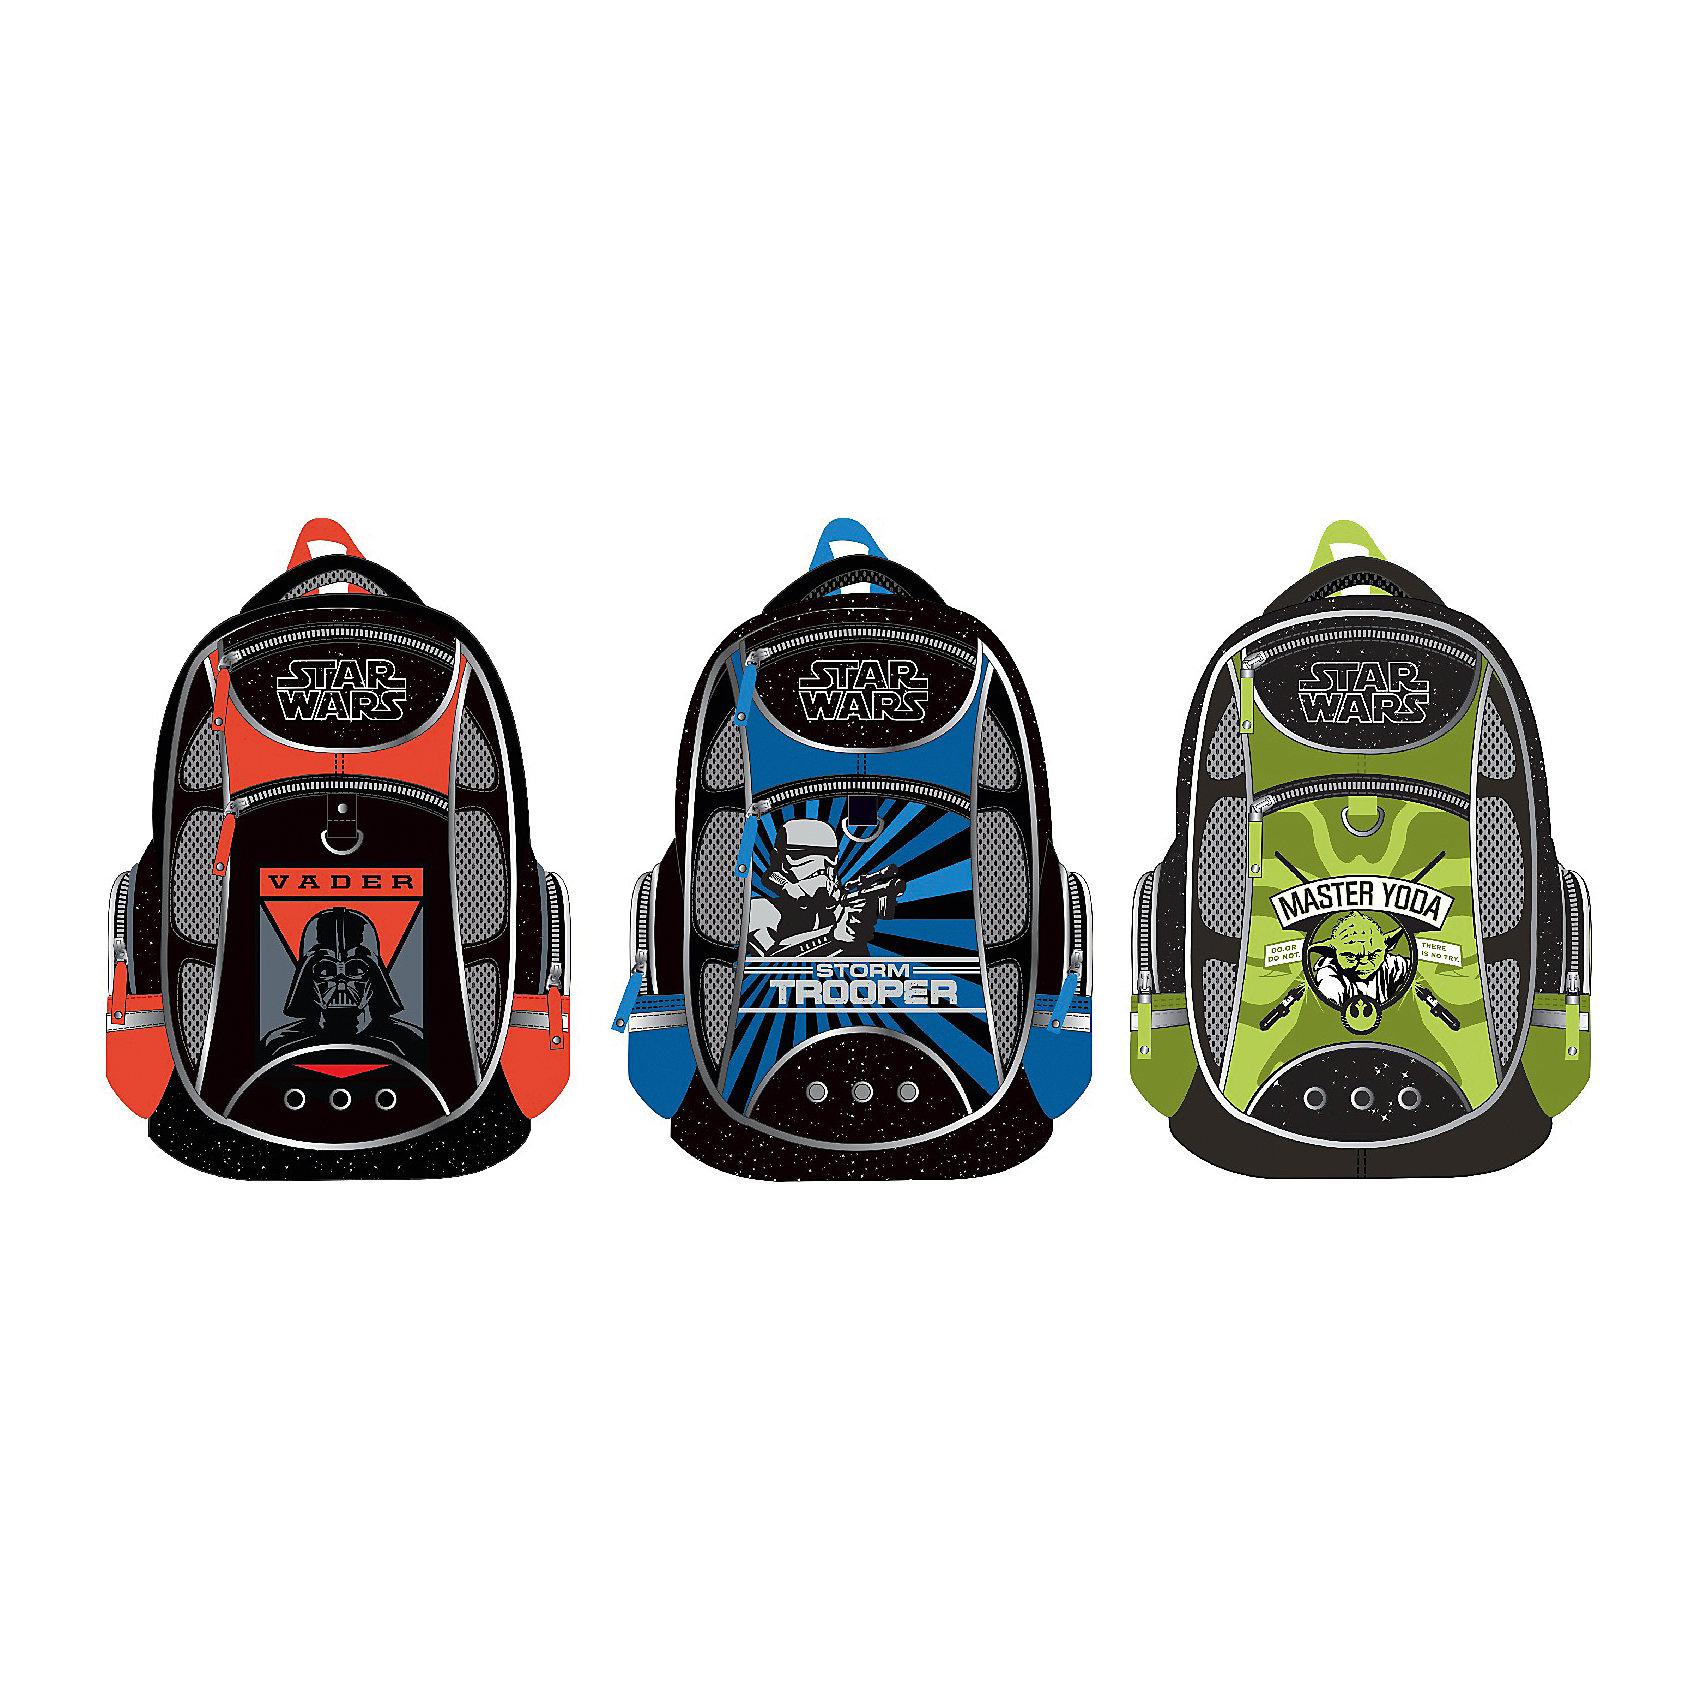 Школьный рюкзак, Star WarsШкольный рюкзак, Star Wars – этот легкий вместительный рюкзак будет надежным спутником для вашего школьника.<br>У рюкзака Star Wars эргономичная конструкция спинки из подушечек с вентиляционными каналами, которая не только не дает ребенку сутулиться, но и обеспечивает идеальную вентиляцию для спины. Уплотненные S-образные лямки из вентилируемого сетчатого материала с системой регулирования для изменения положения рюкзака одним движением позволят снизить нагрузку на плечи. Рюкзак имеет 2 отделения, два фронтальных кармана на молниях, дополнительные боковые карманы, закрывающиеся на застежки-молнии. Дно укреплено пластиковыми ножками и внутренней откидывающейся жесткой вставкой. Имеется мягкая ручка и петля для подвешивания. Светоотражающие элементы, расположенные с 3х сторон изделия, обеспечивает большую безопасность в темноте.<br><br>Дополнительная информация:<br><br>- Размер: 44 x 31 x 16 см.<br>- Вес: 450 гр.<br>- Материал: полиэстер<br><br>Школьный рюкзак, Star Wars можно купить в нашем интернет-магазине.<br><br>Ширина мм: 280<br>Глубина мм: 140<br>Высота мм: 380<br>Вес г: 810<br>Возраст от месяцев: 84<br>Возраст до месяцев: 120<br>Пол: Мужской<br>Возраст: Детский<br>SKU: 4744494